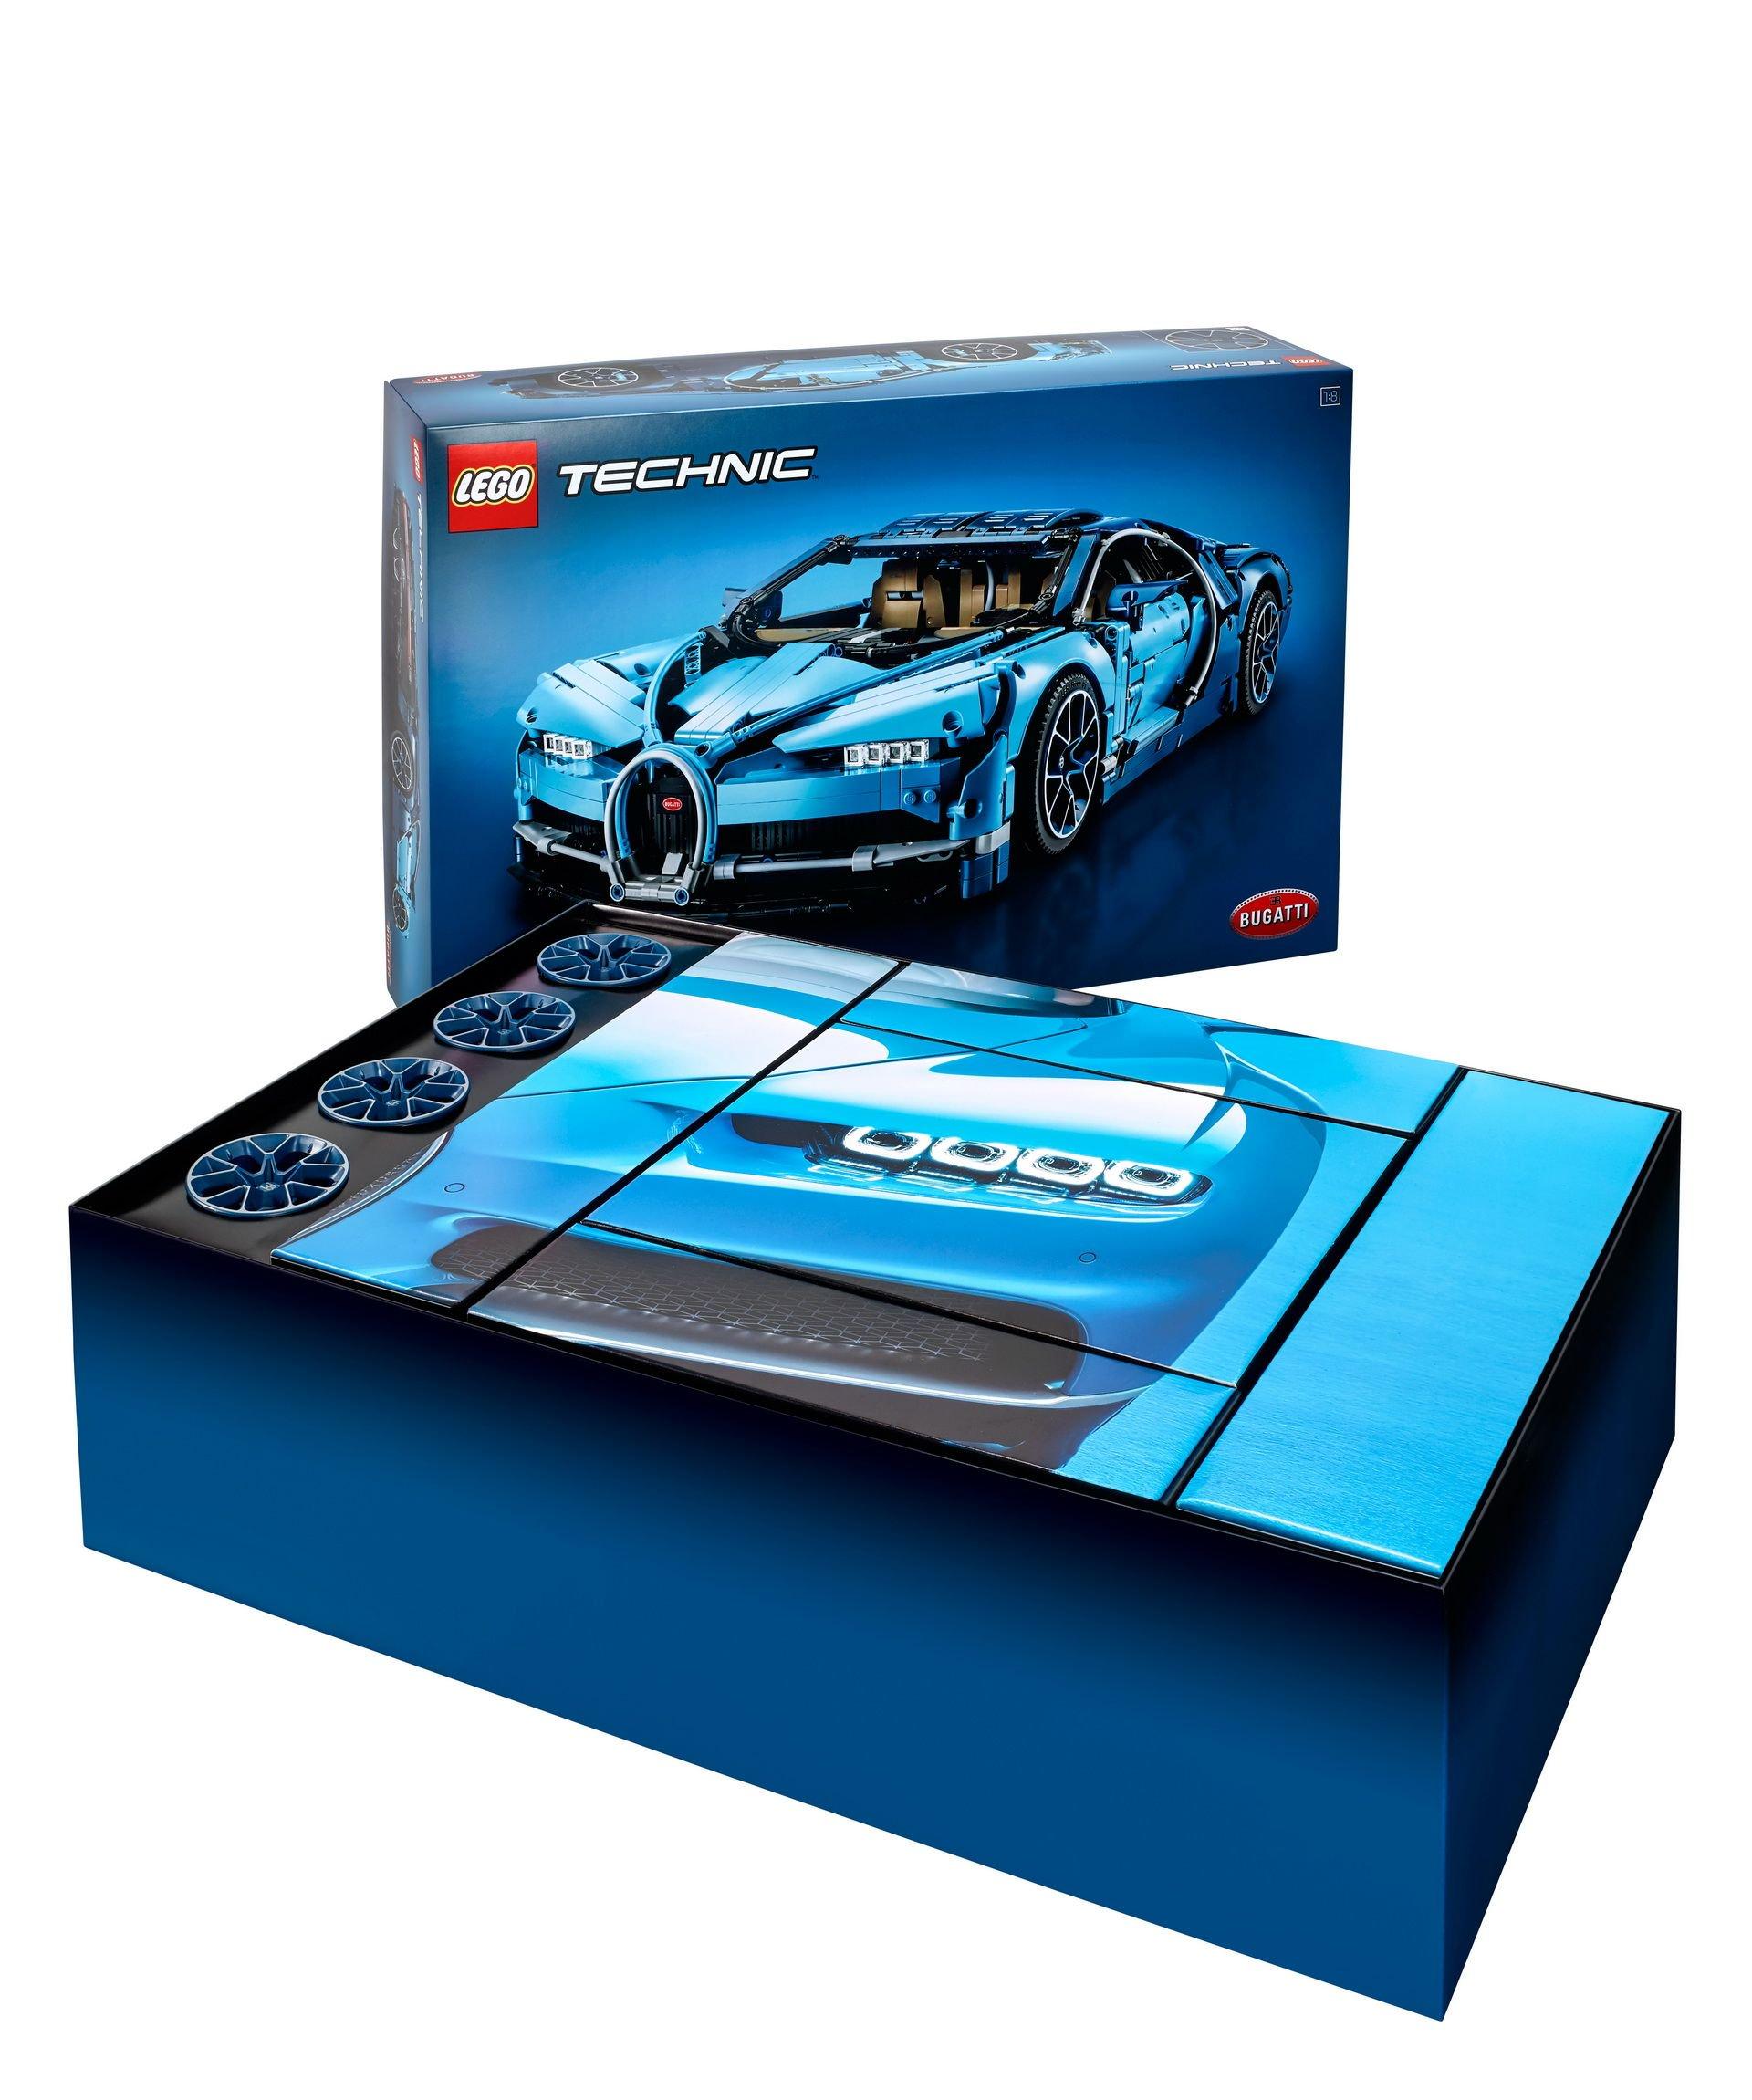 bugatti-chiron-lego-technic-70